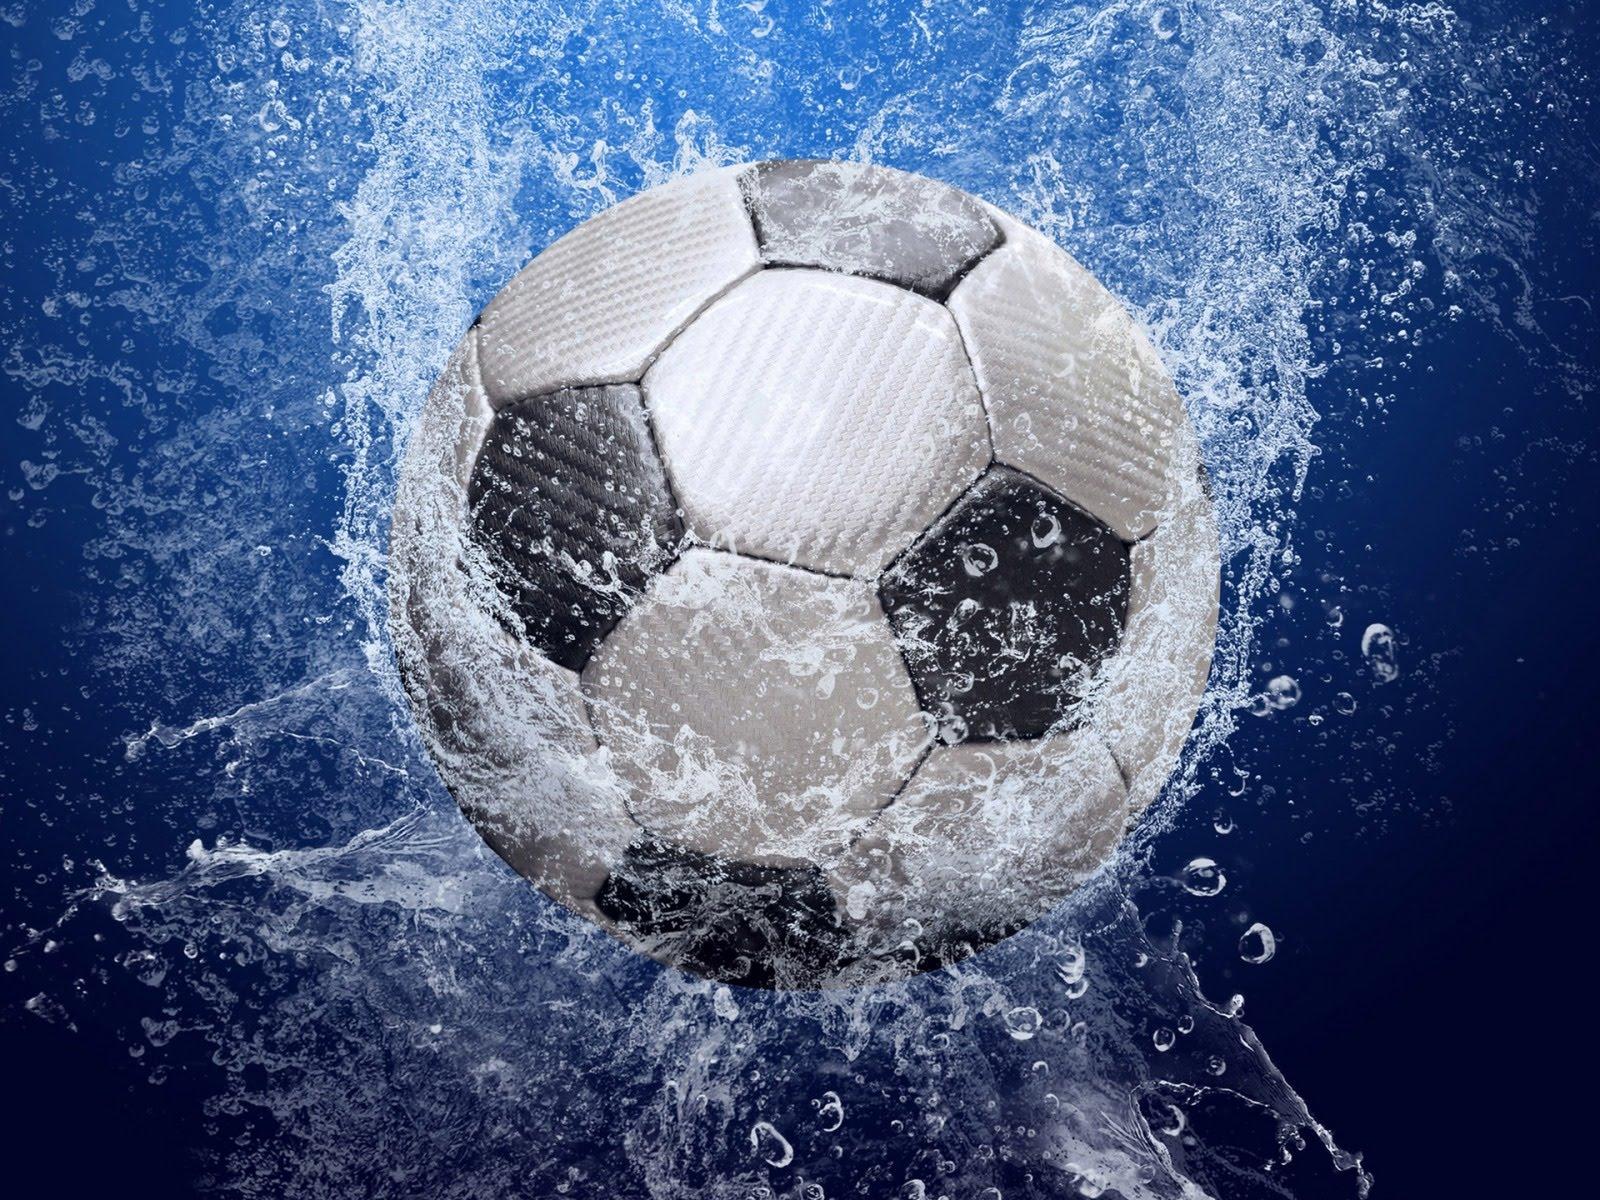 http://3.bp.blogspot.com/-1Uc9husx6Pg/TVSQK4E1KyI/AAAAAAAACVM/zn8eCmfgccA/s1600/football_wallpaper_01_1600x1200.jpg